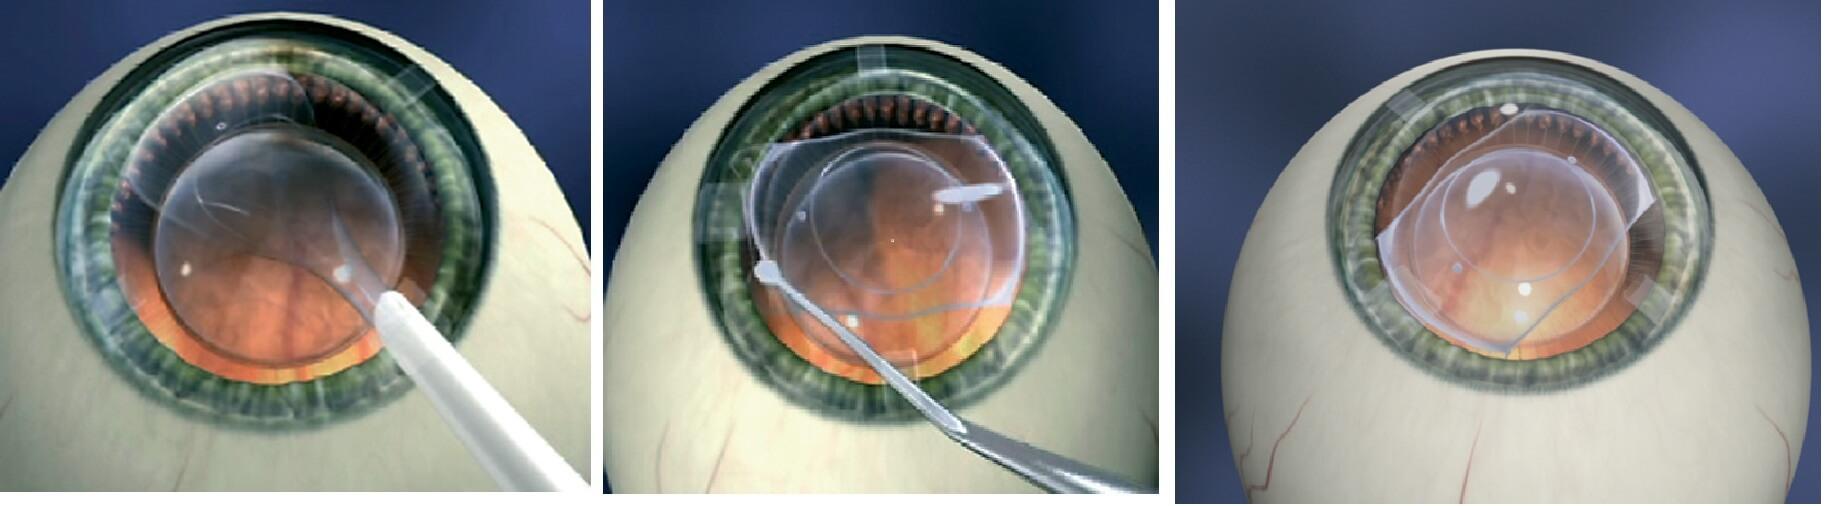 Бесплатно лазерная коррекция зрения